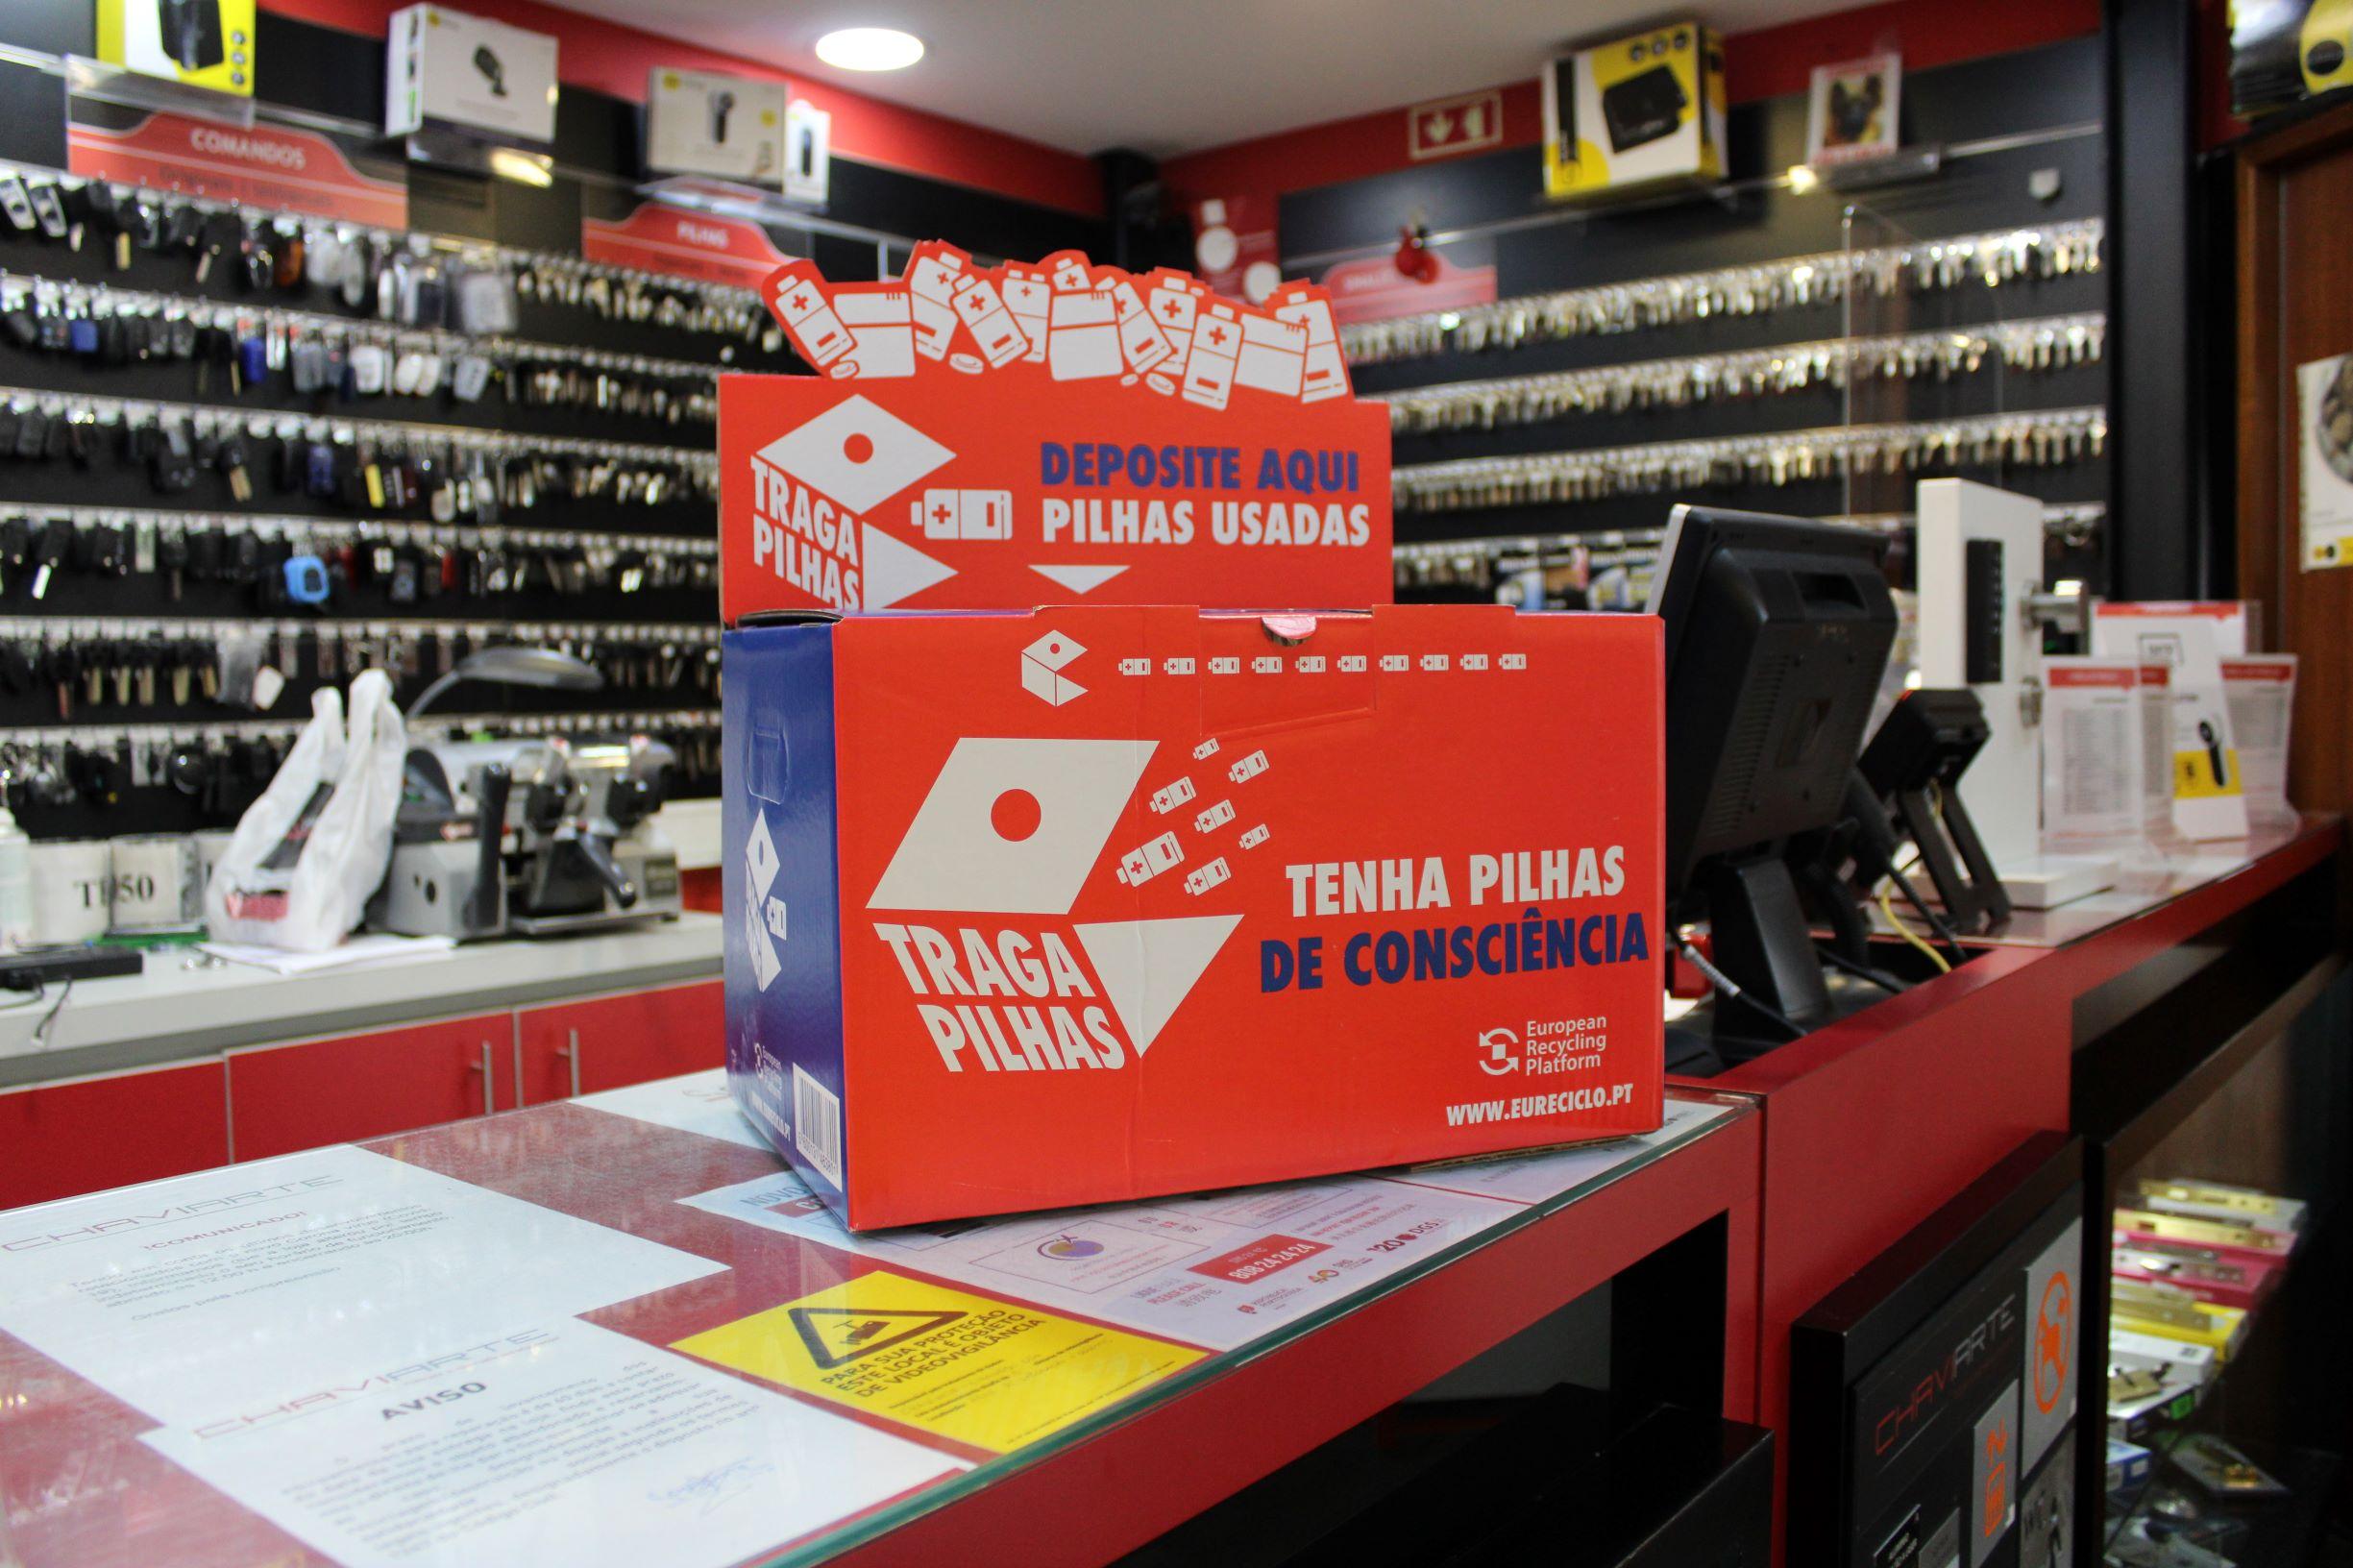 Lojas Chaviarte recolhem Pilhas Usadas em parceria com a ERP Portugal